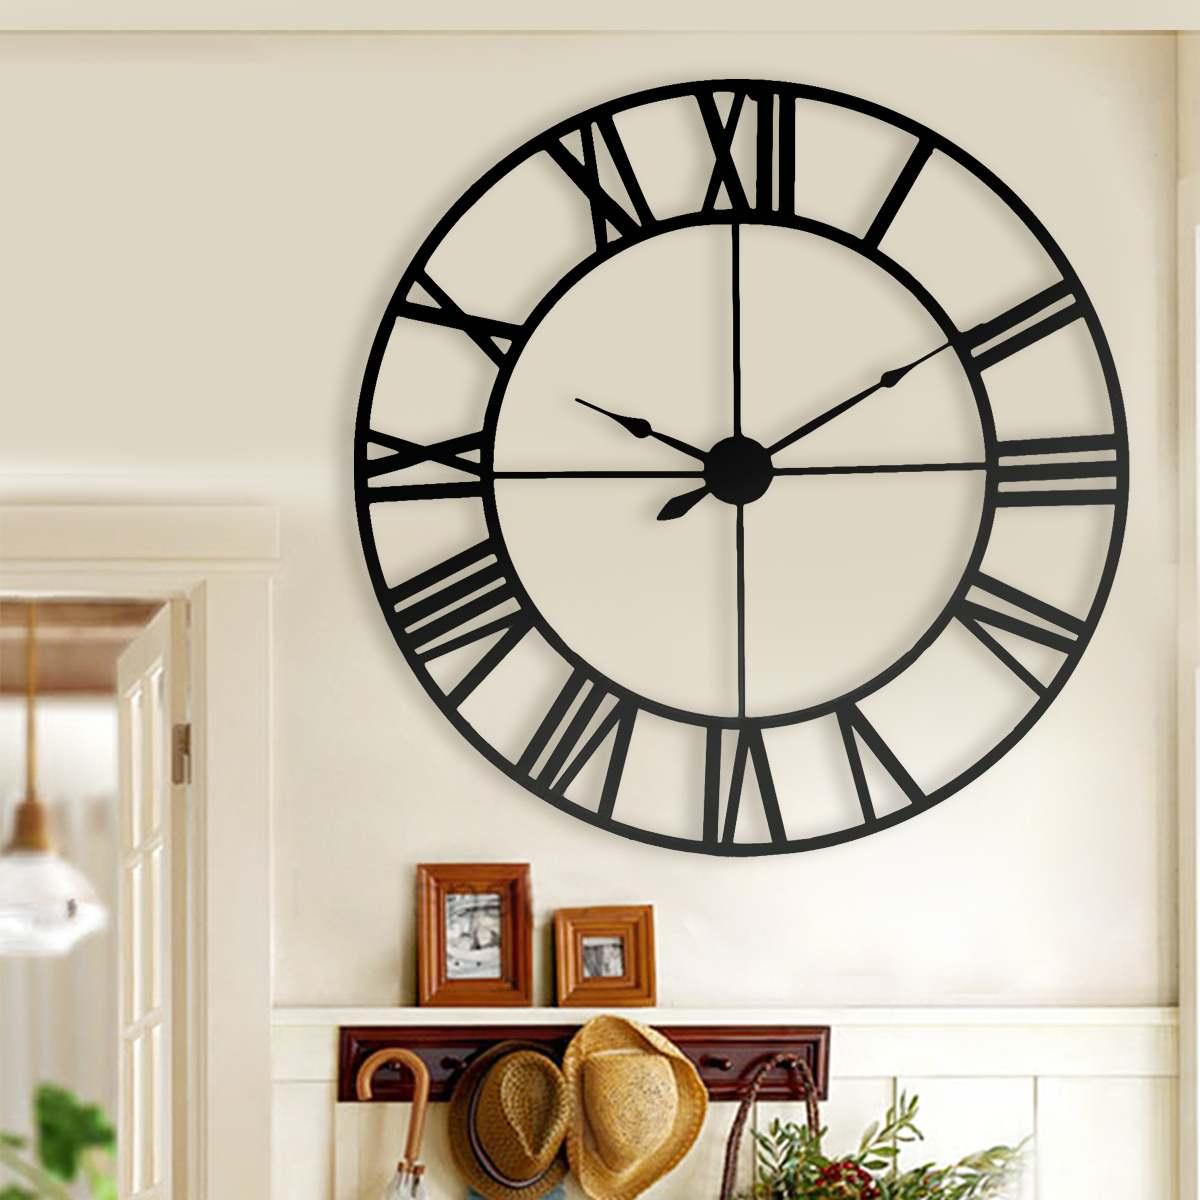 Nouveau 80 cm Moderne 3D Grand Rétro Noir De Fer Art Creux Horloge Murale Chiffres Romains Décor À La Maison